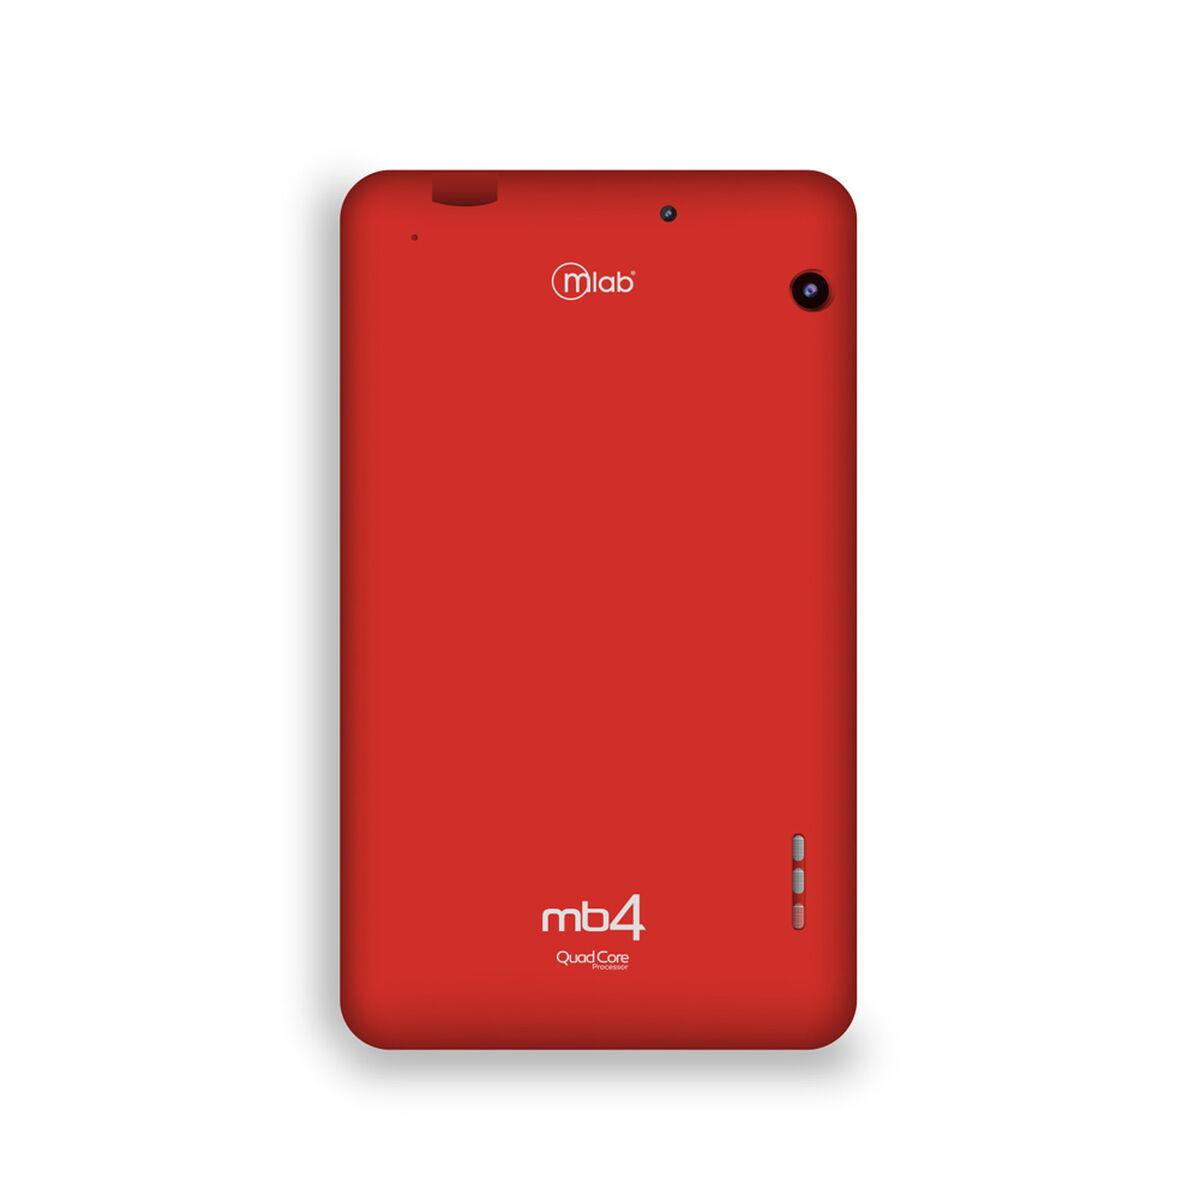 """Tablet Microlab MB4+ Quad Core 1GB 16GB 7"""" Roja"""